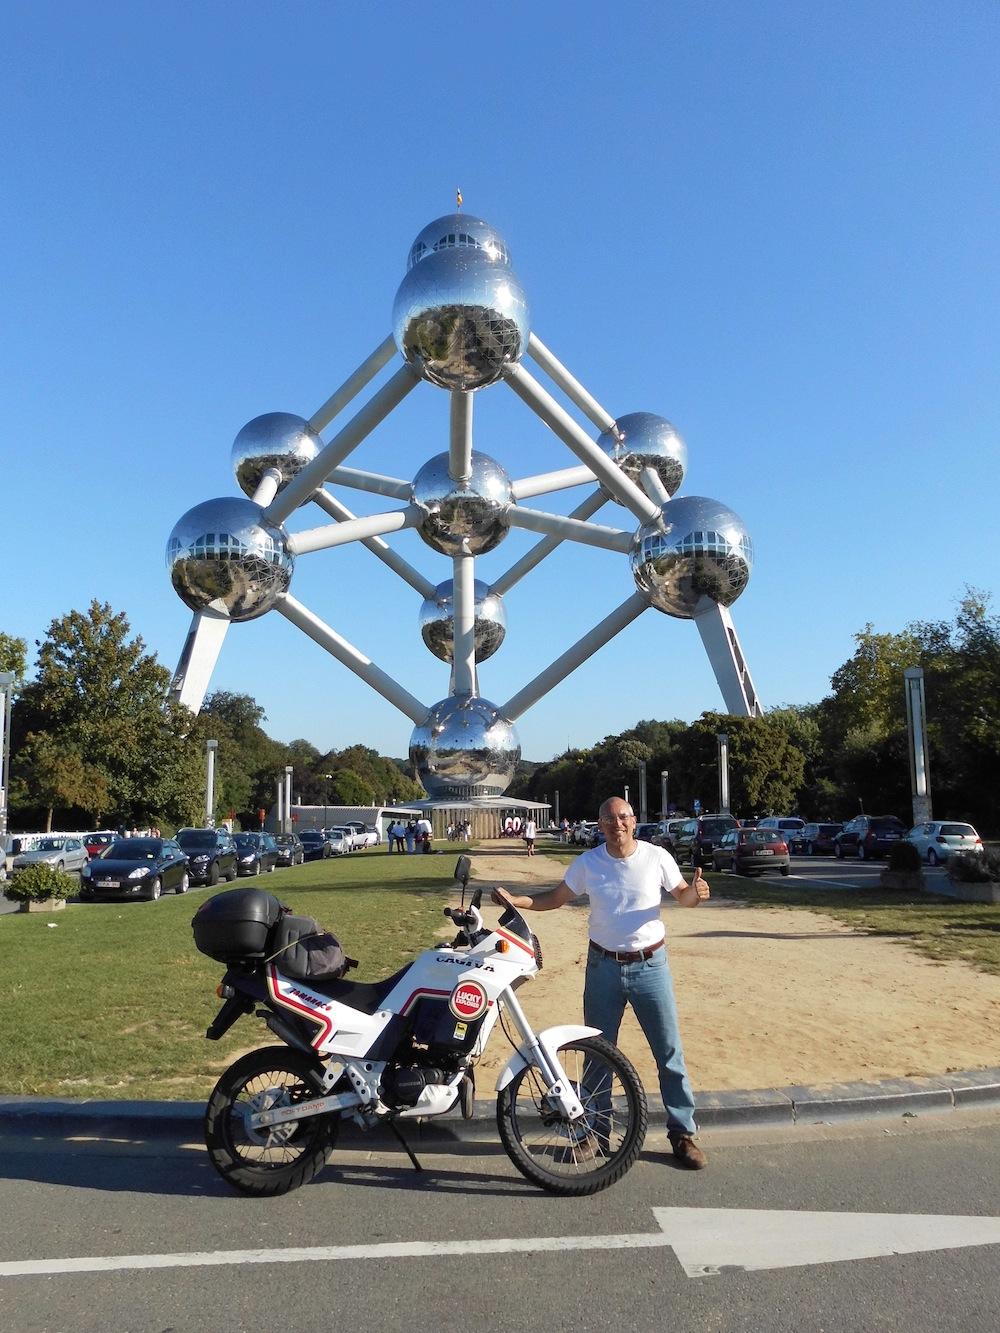 39 - Atomium